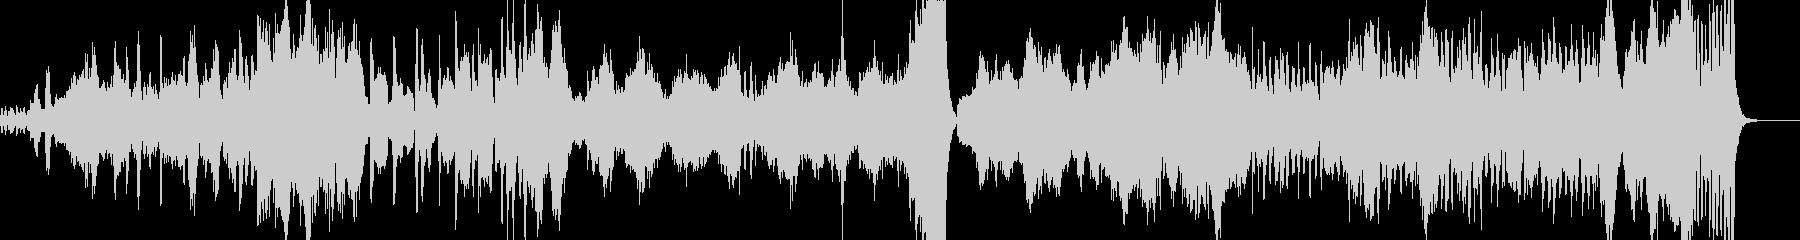 オーケストラ 序章 No Perc.の未再生の波形